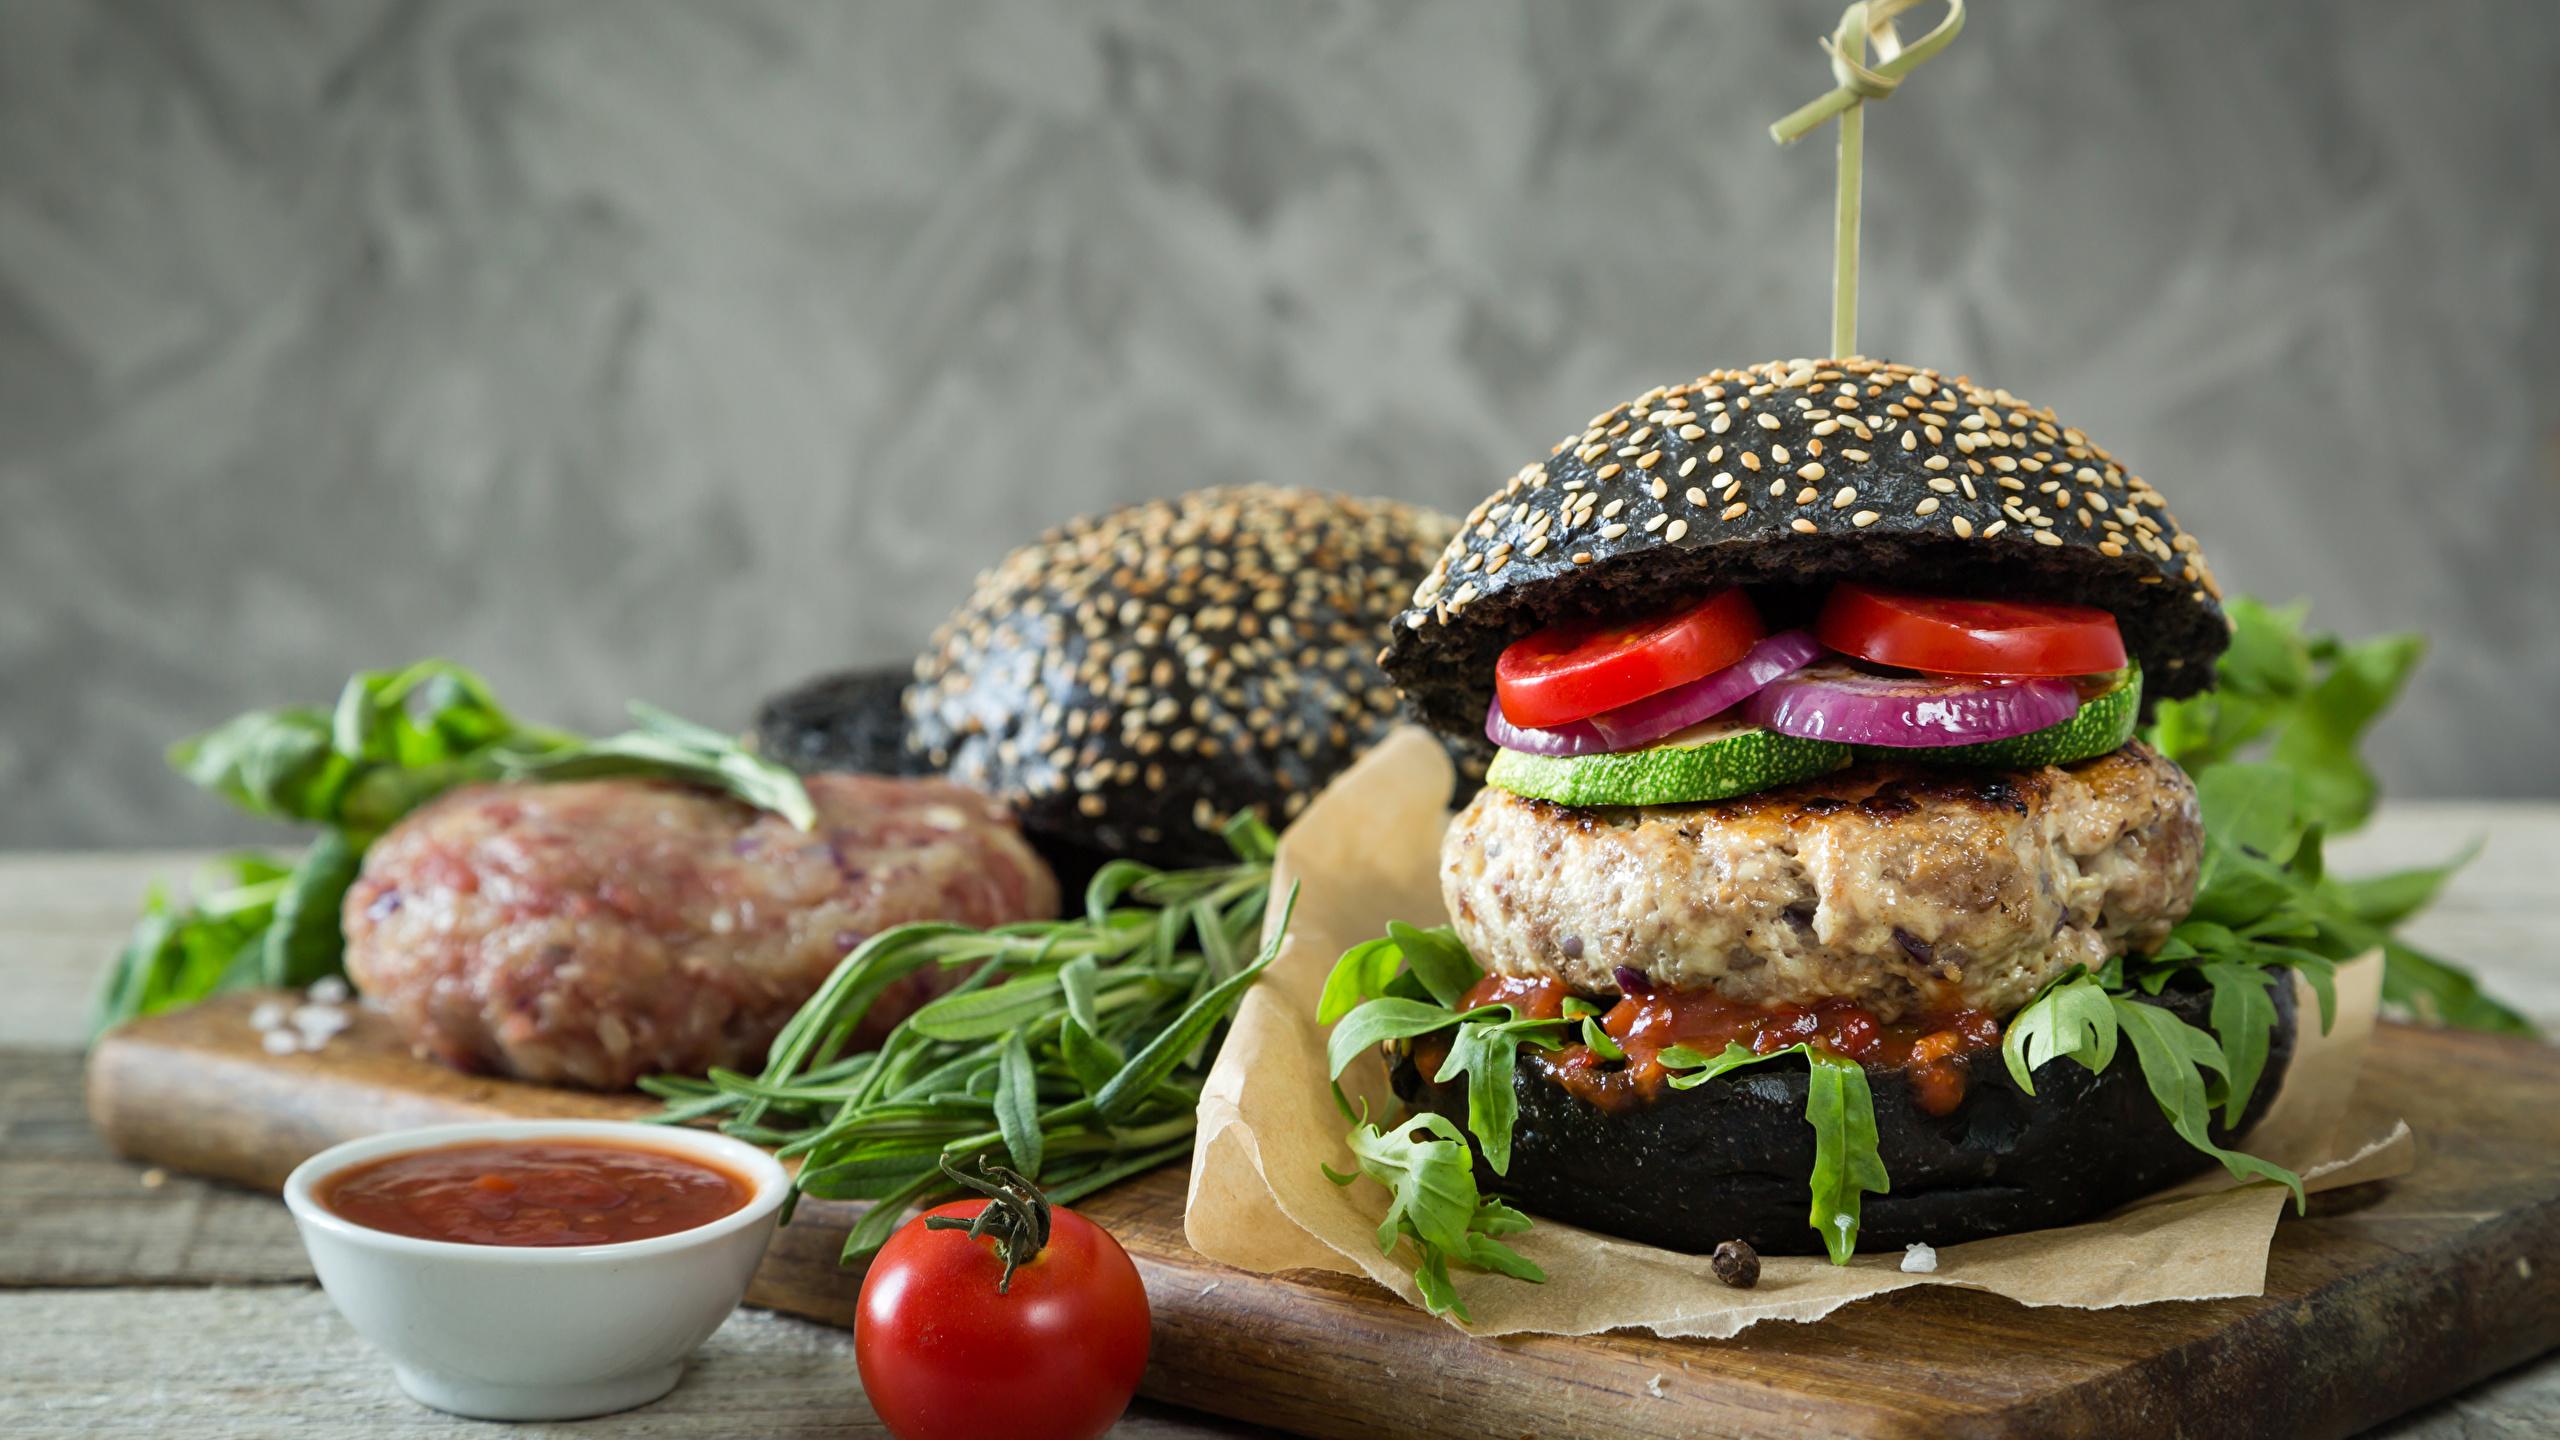 Vegan Burger - Food & Drink Trends - Wild West Comms